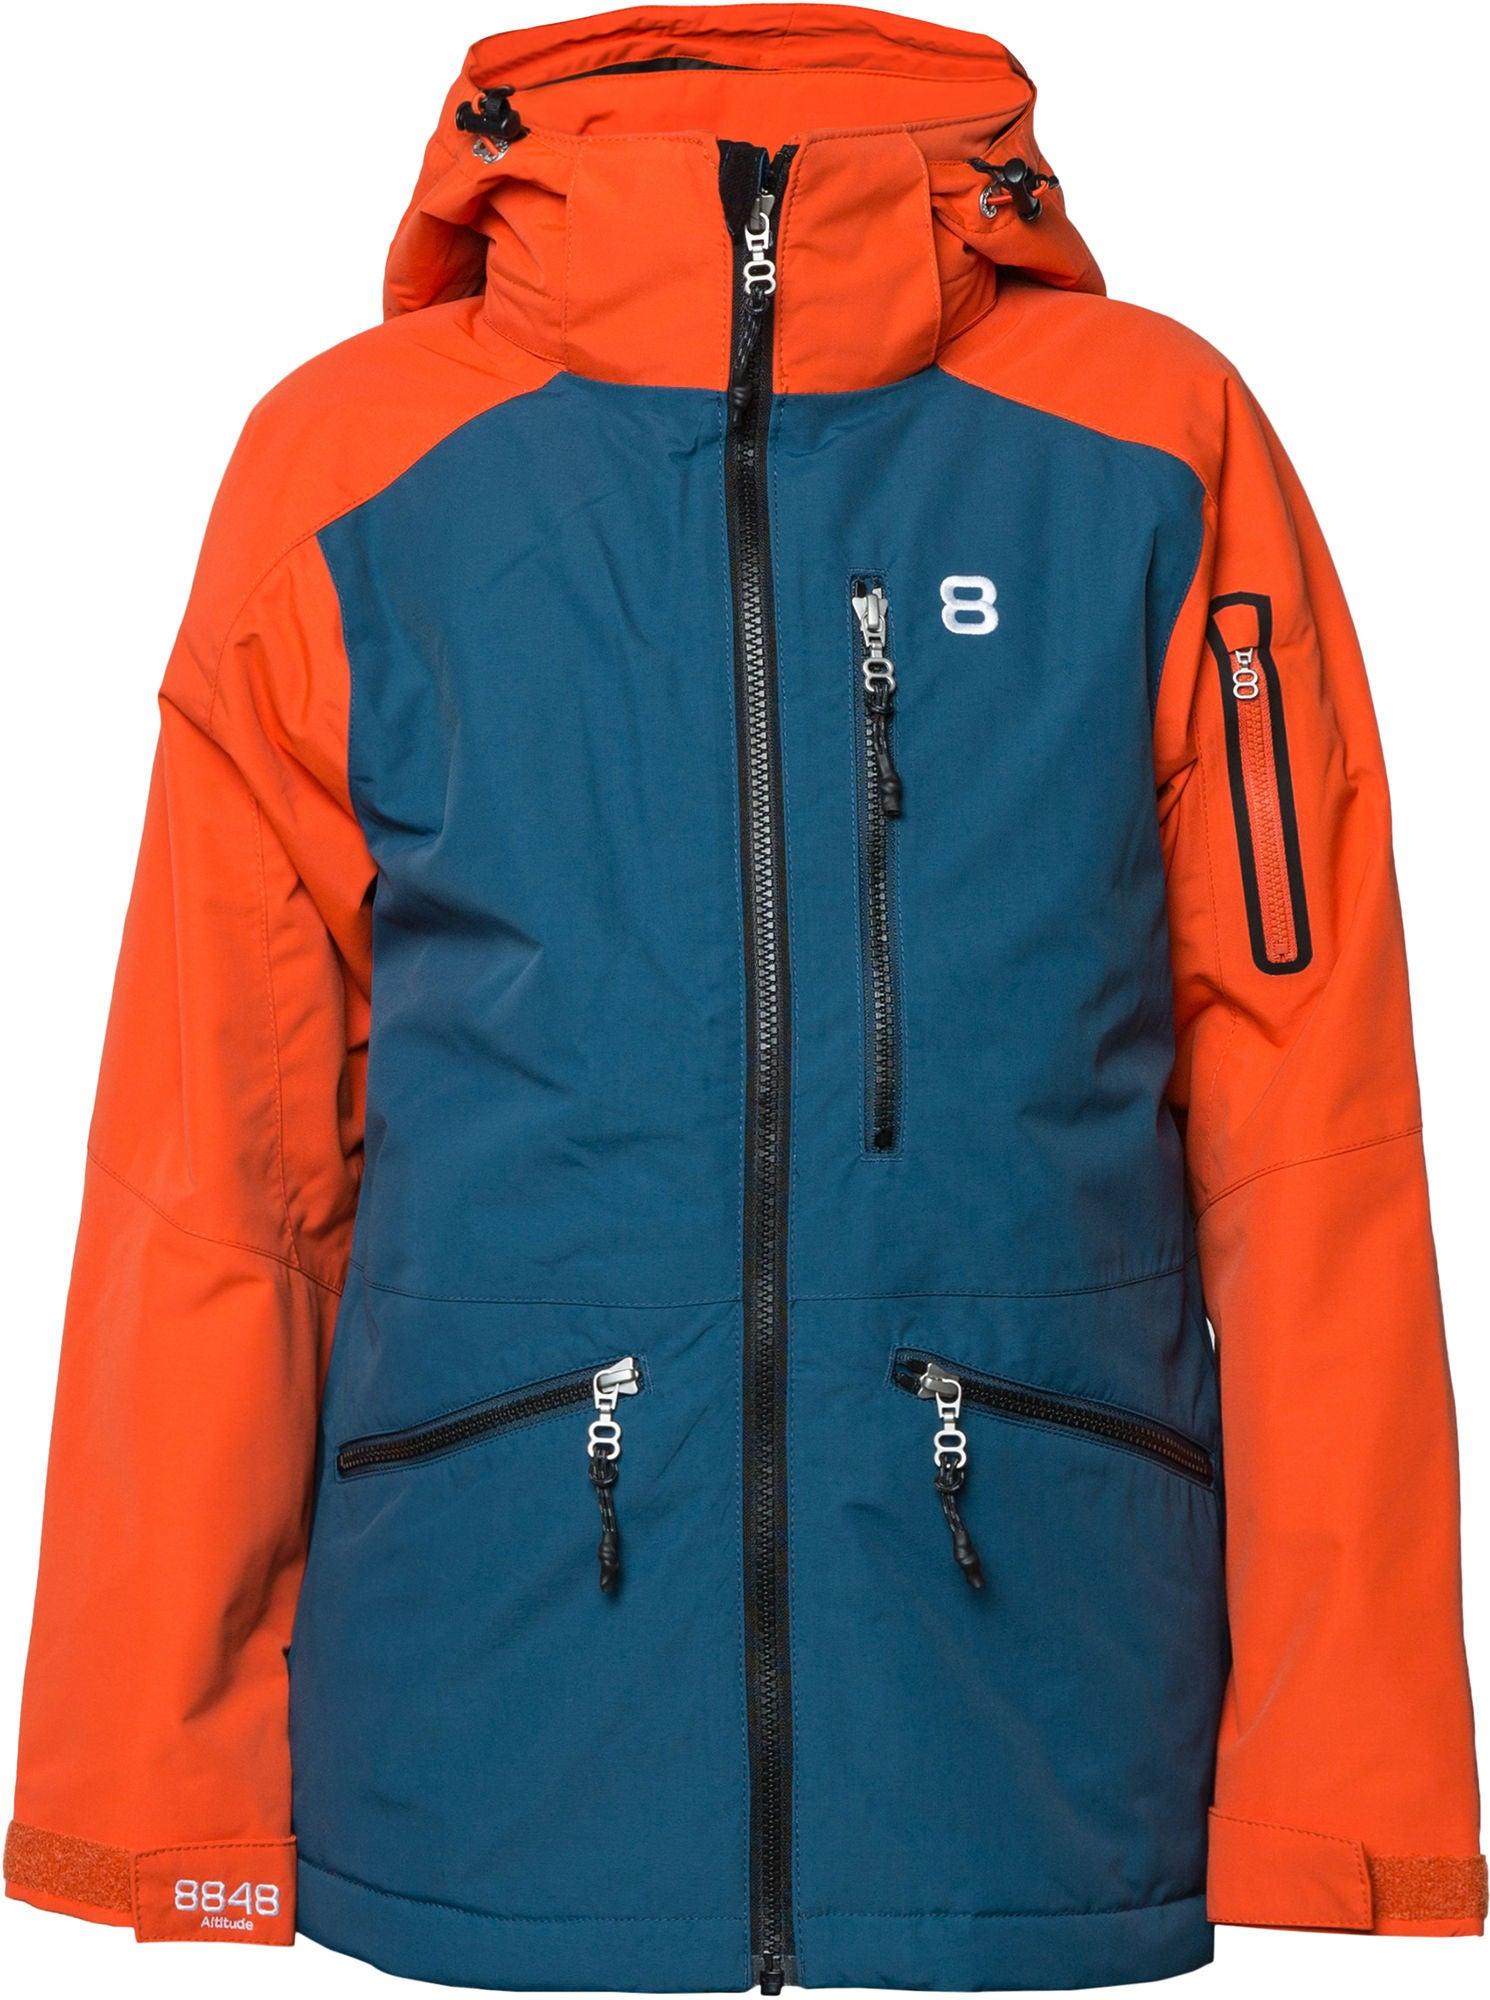 8848 Altitude Harpy Vinterjacka, Red Clay 120